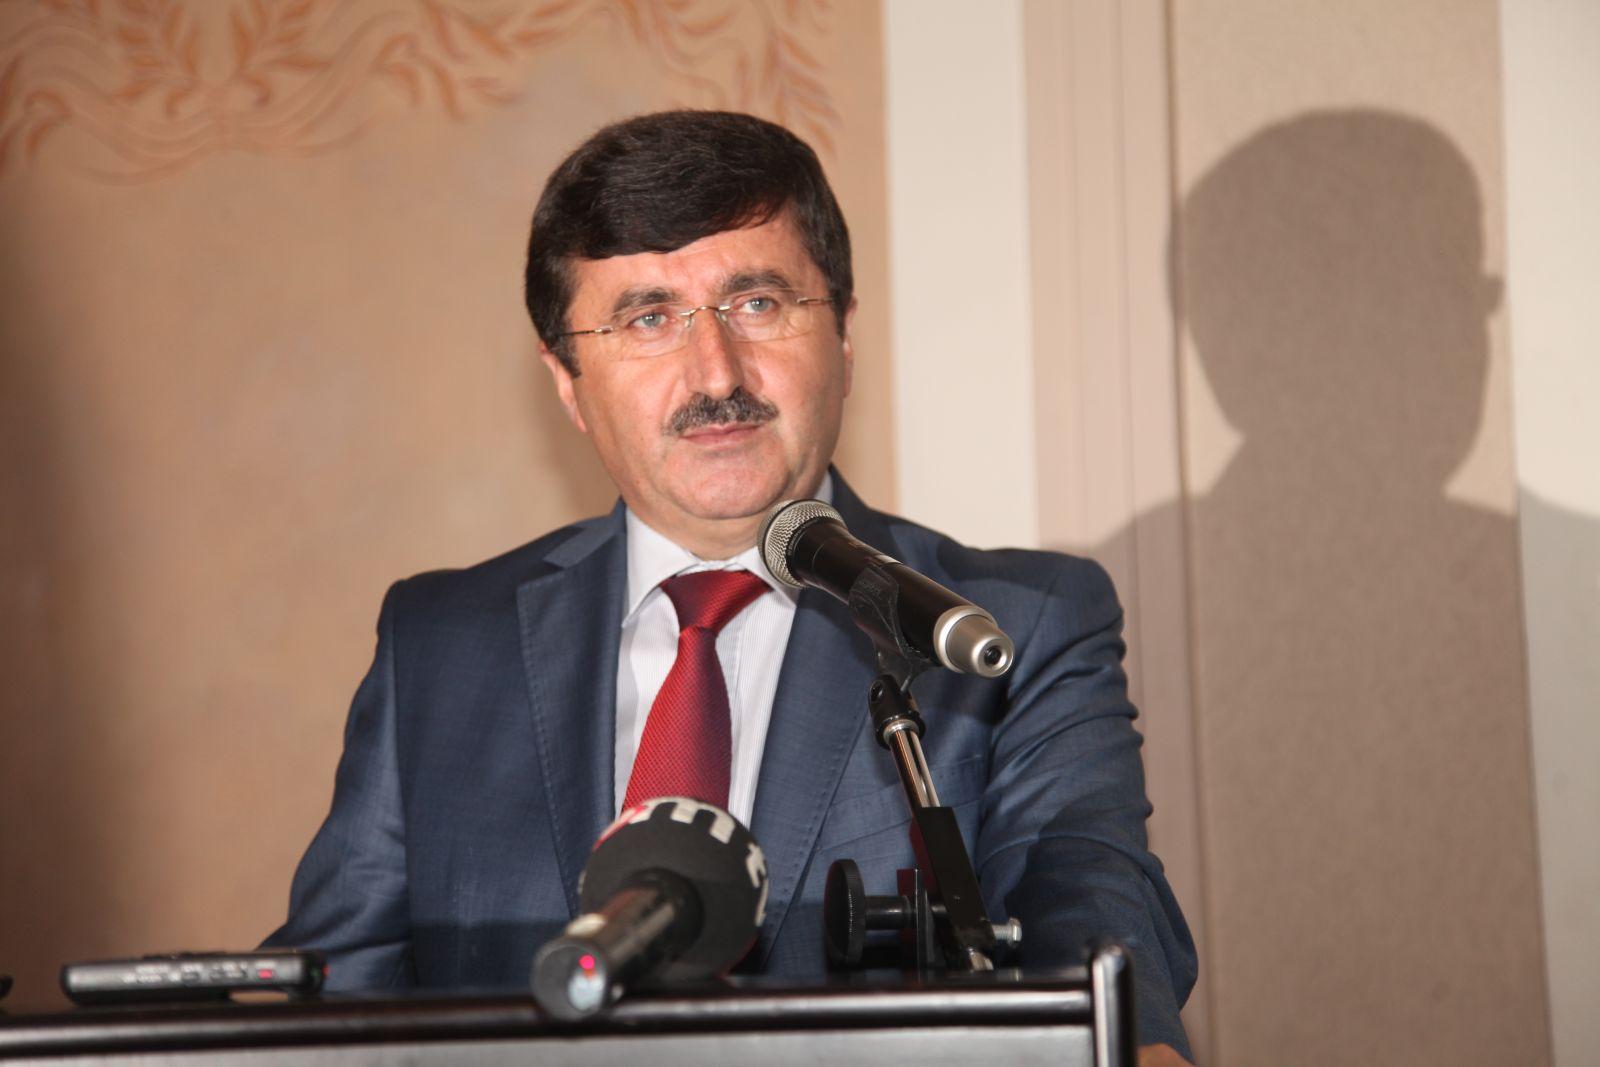 Trabzon valisinden al haberi: Körfez yatırımcıları burada Arap şehri kuracak